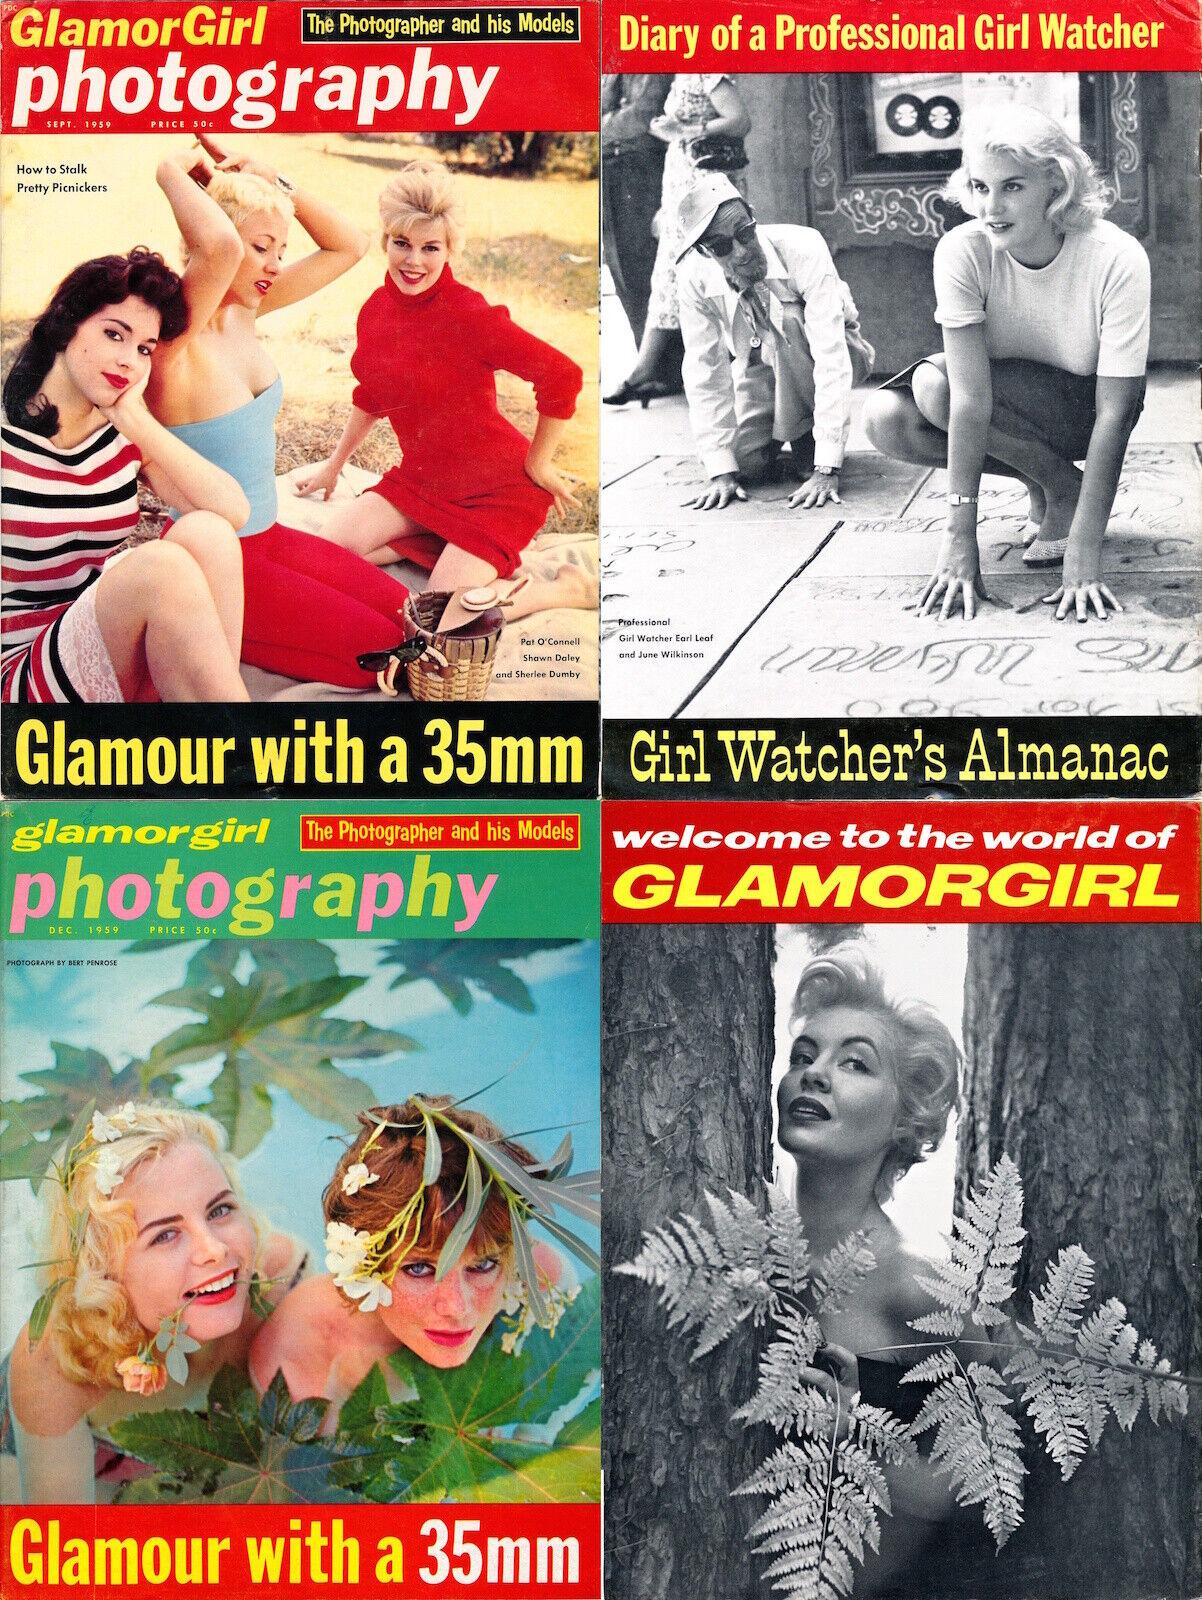 GLAMORGIRL PHOTOGRAPHY Glamor Girl 2 PINUP MAGAZINES 1959 CHEESEcake 125914 - $45.00